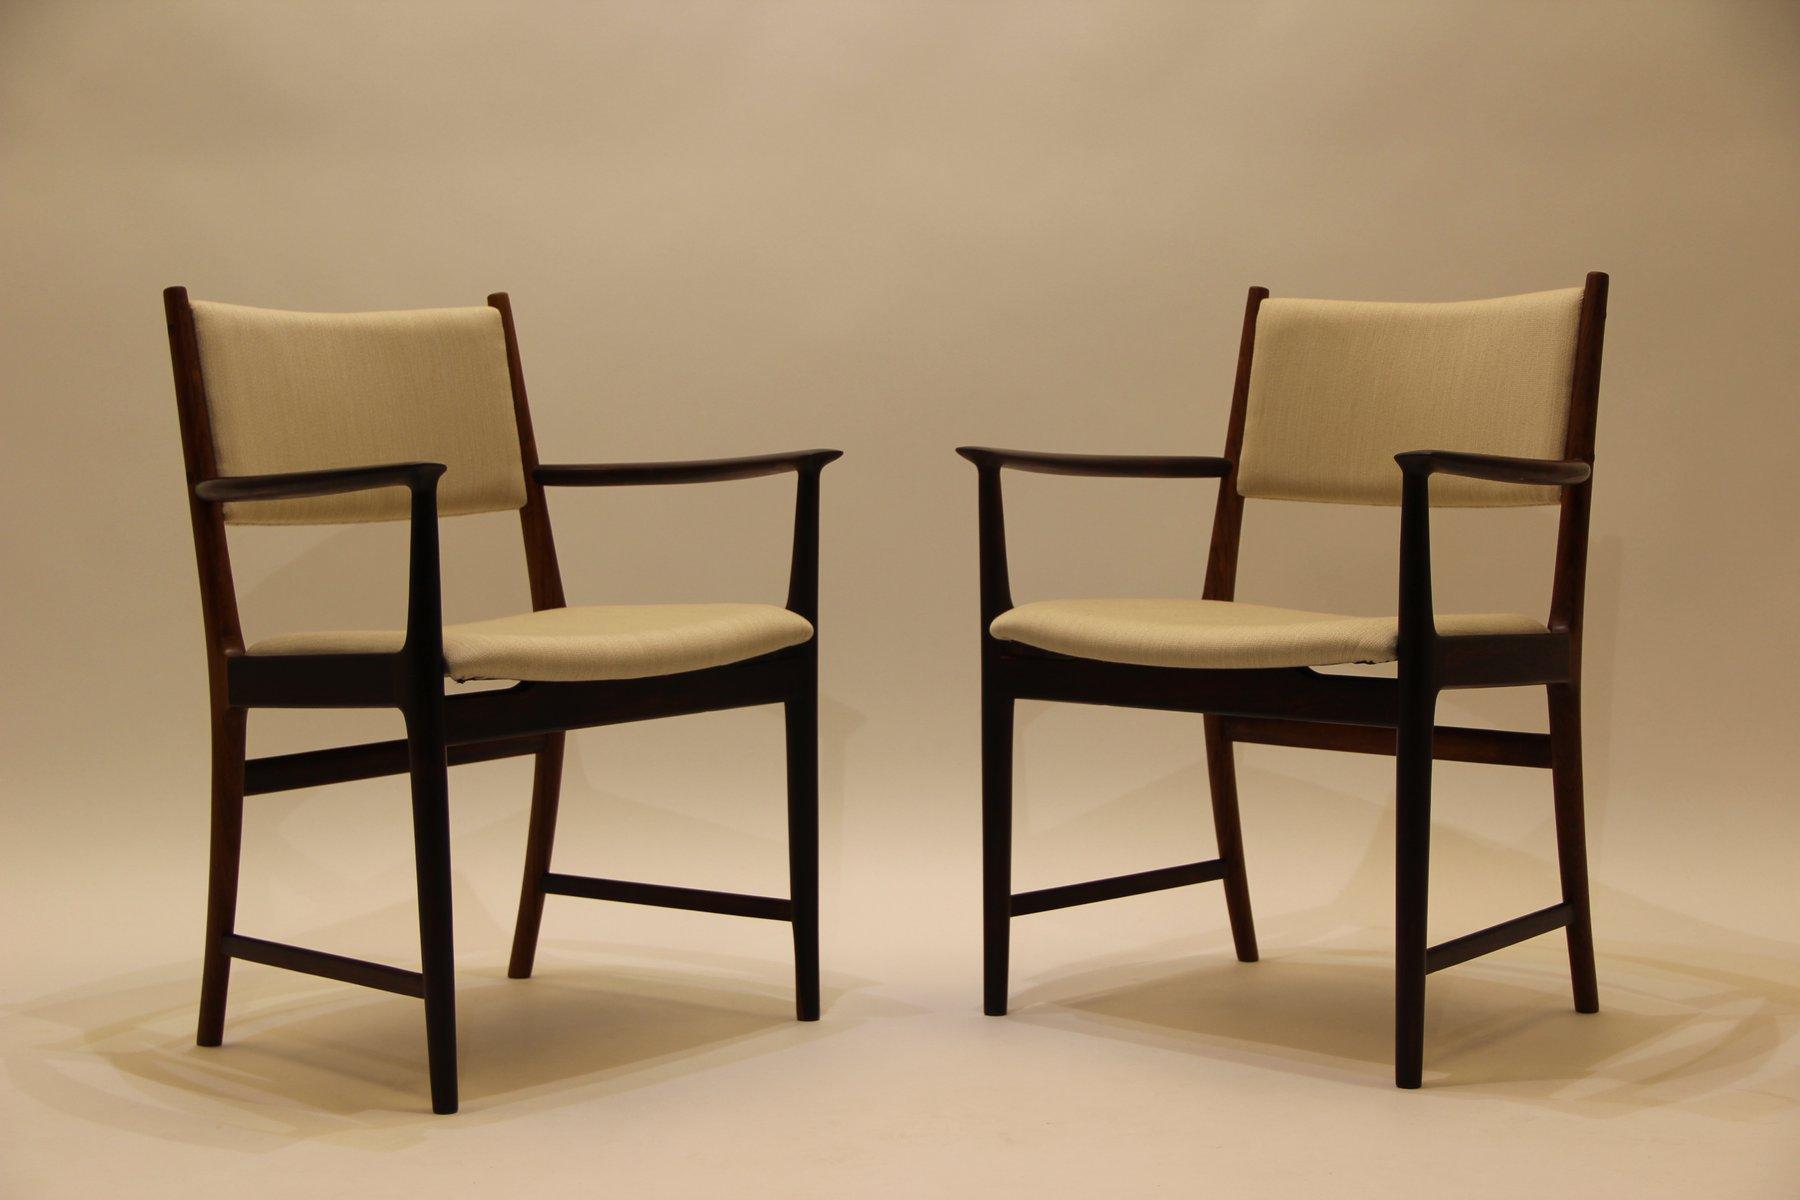 d nischer mid century palisander stuhl von kai lyngfeld. Black Bedroom Furniture Sets. Home Design Ideas